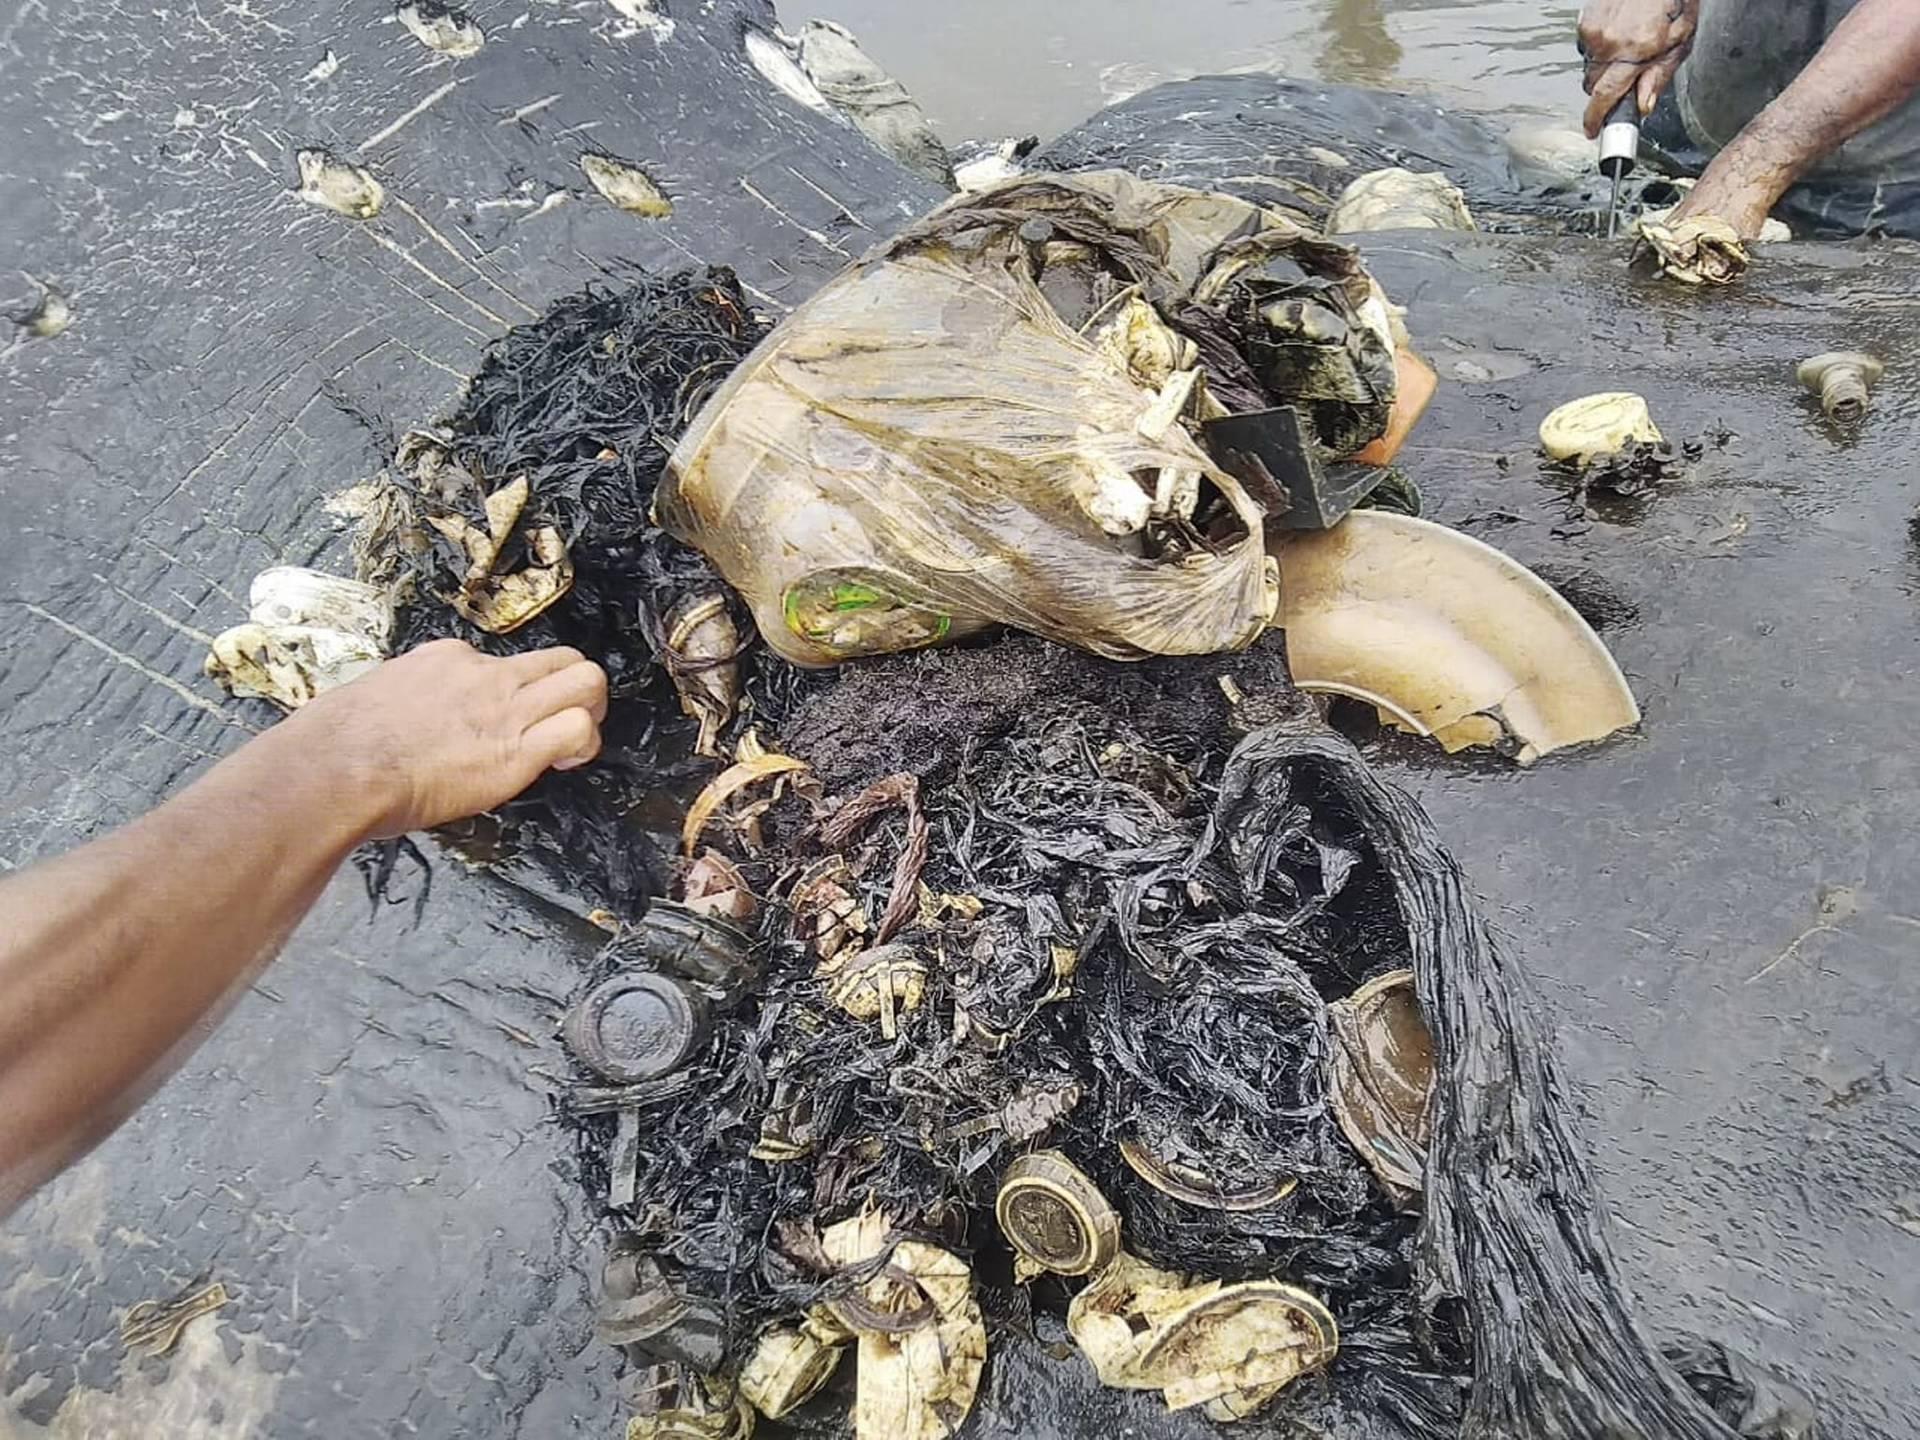 В Індонезії у шлунку мертвого кита знайшли майже 6 кг пластику